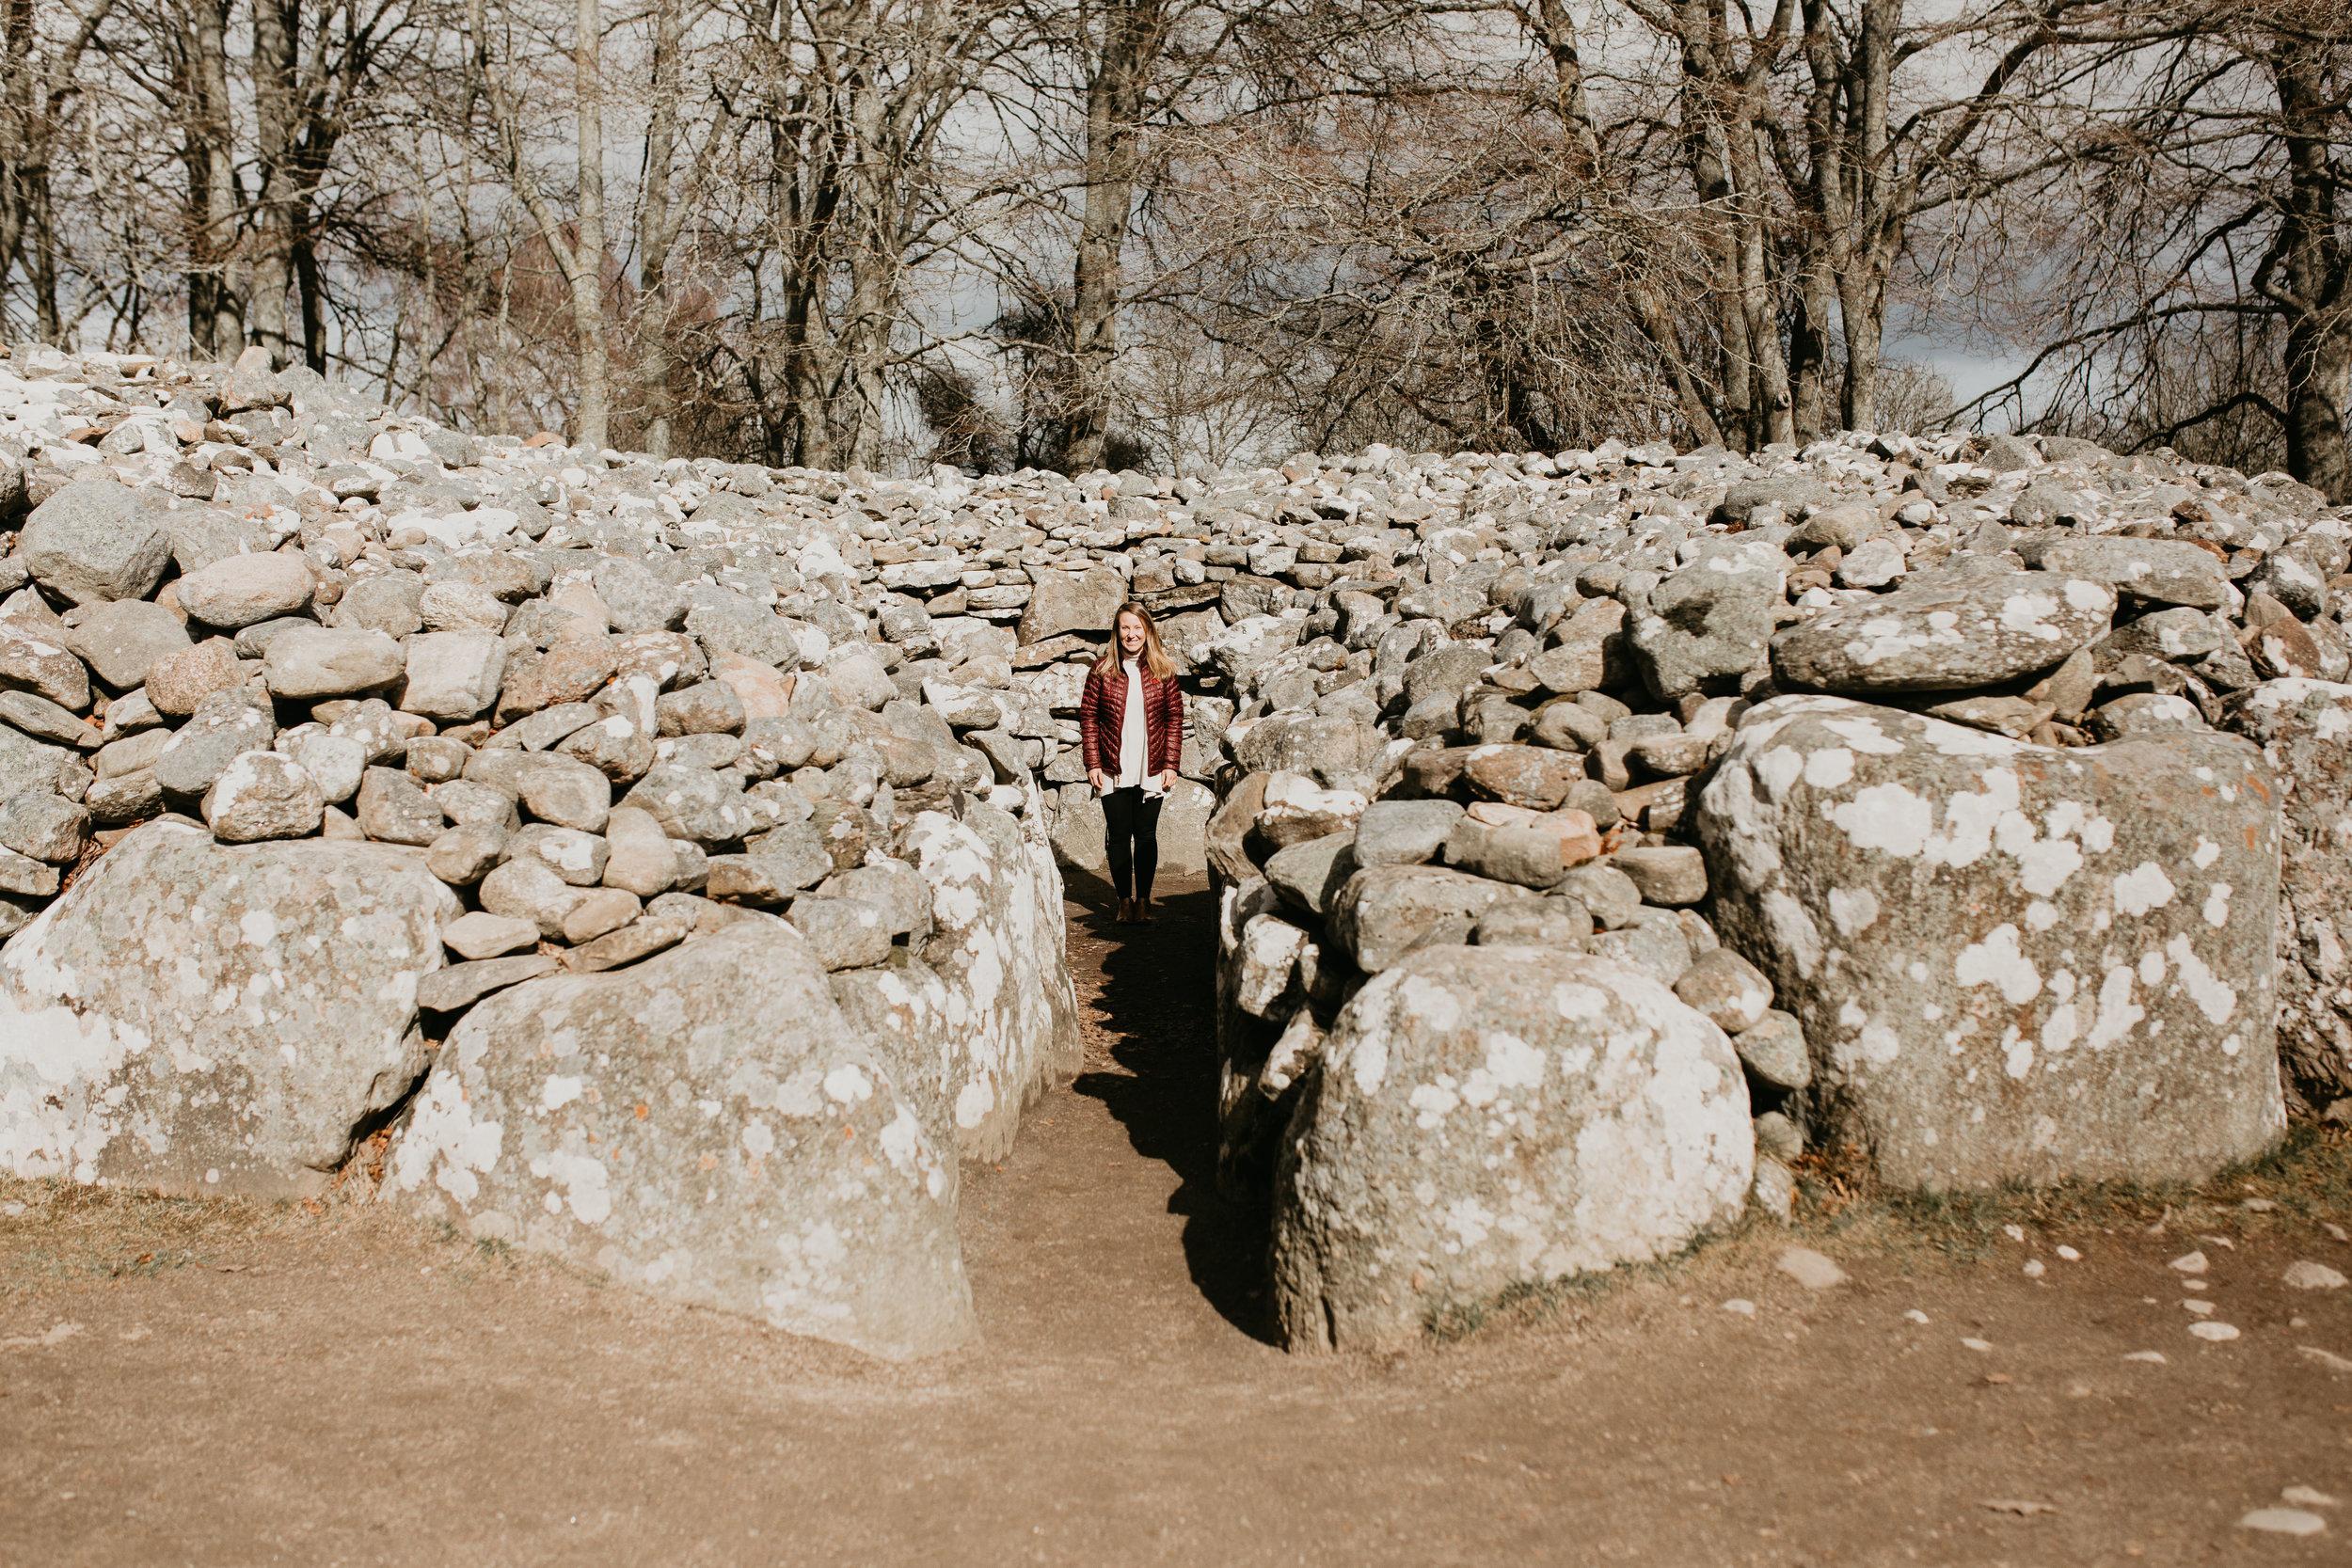 nicole-daacke-photography-scottish-highlands-elopement-wedding-photographer-isle-of-skye-elopement-photography-scotland-landscape-photography-culloden-inverness-stirling-destination-wedding-united-kindgom-wedding-photographer-12.jpg